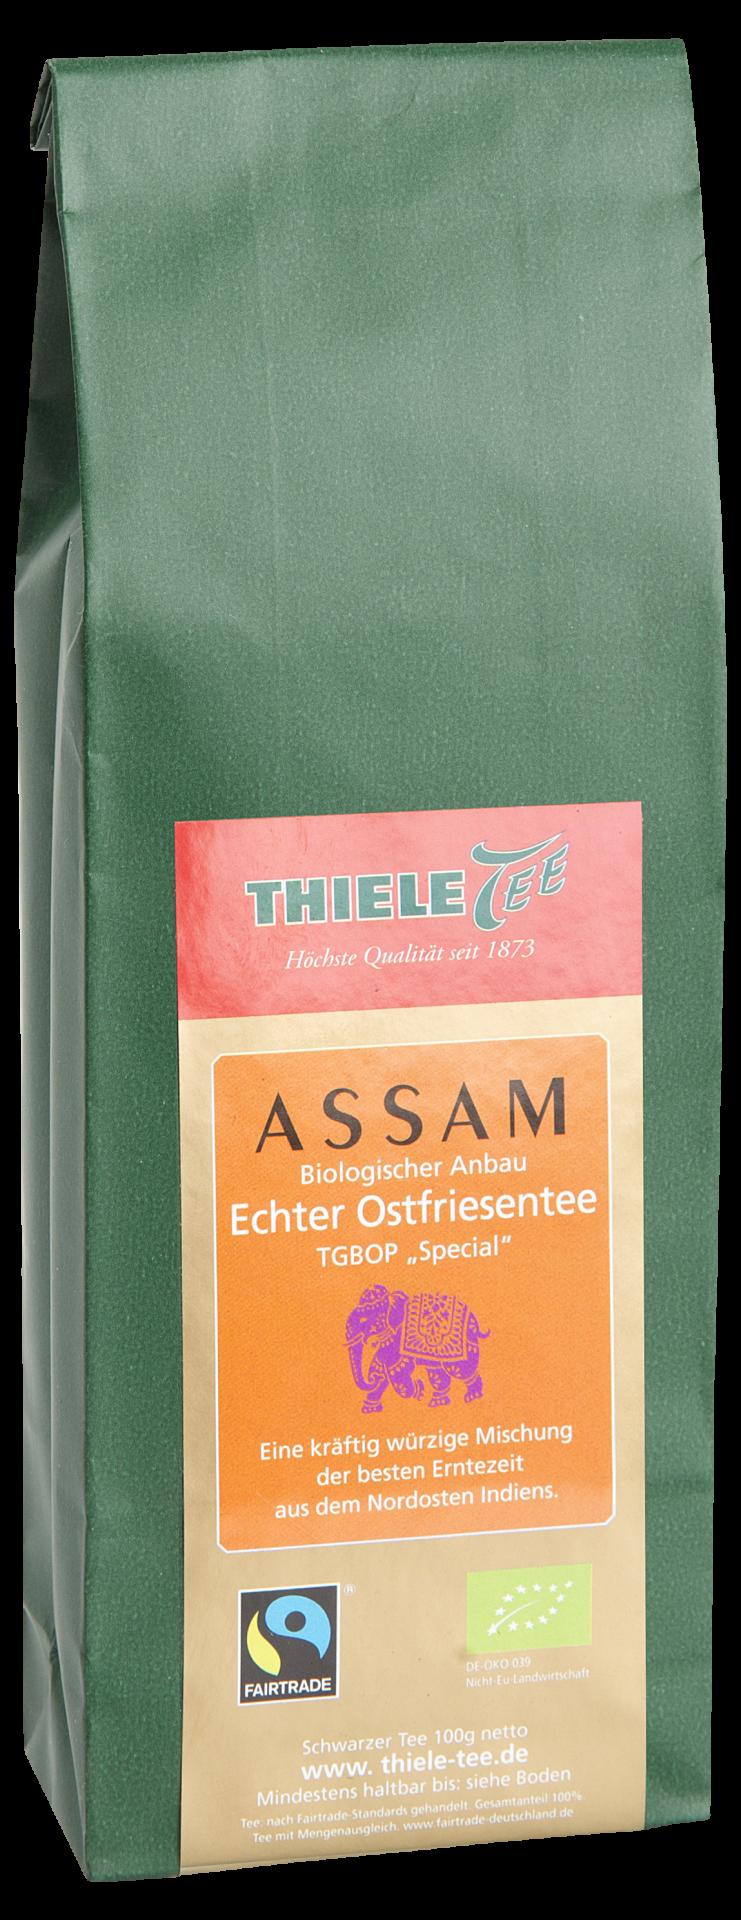 BIO FAIRTRADE Assam Second Flush 100g